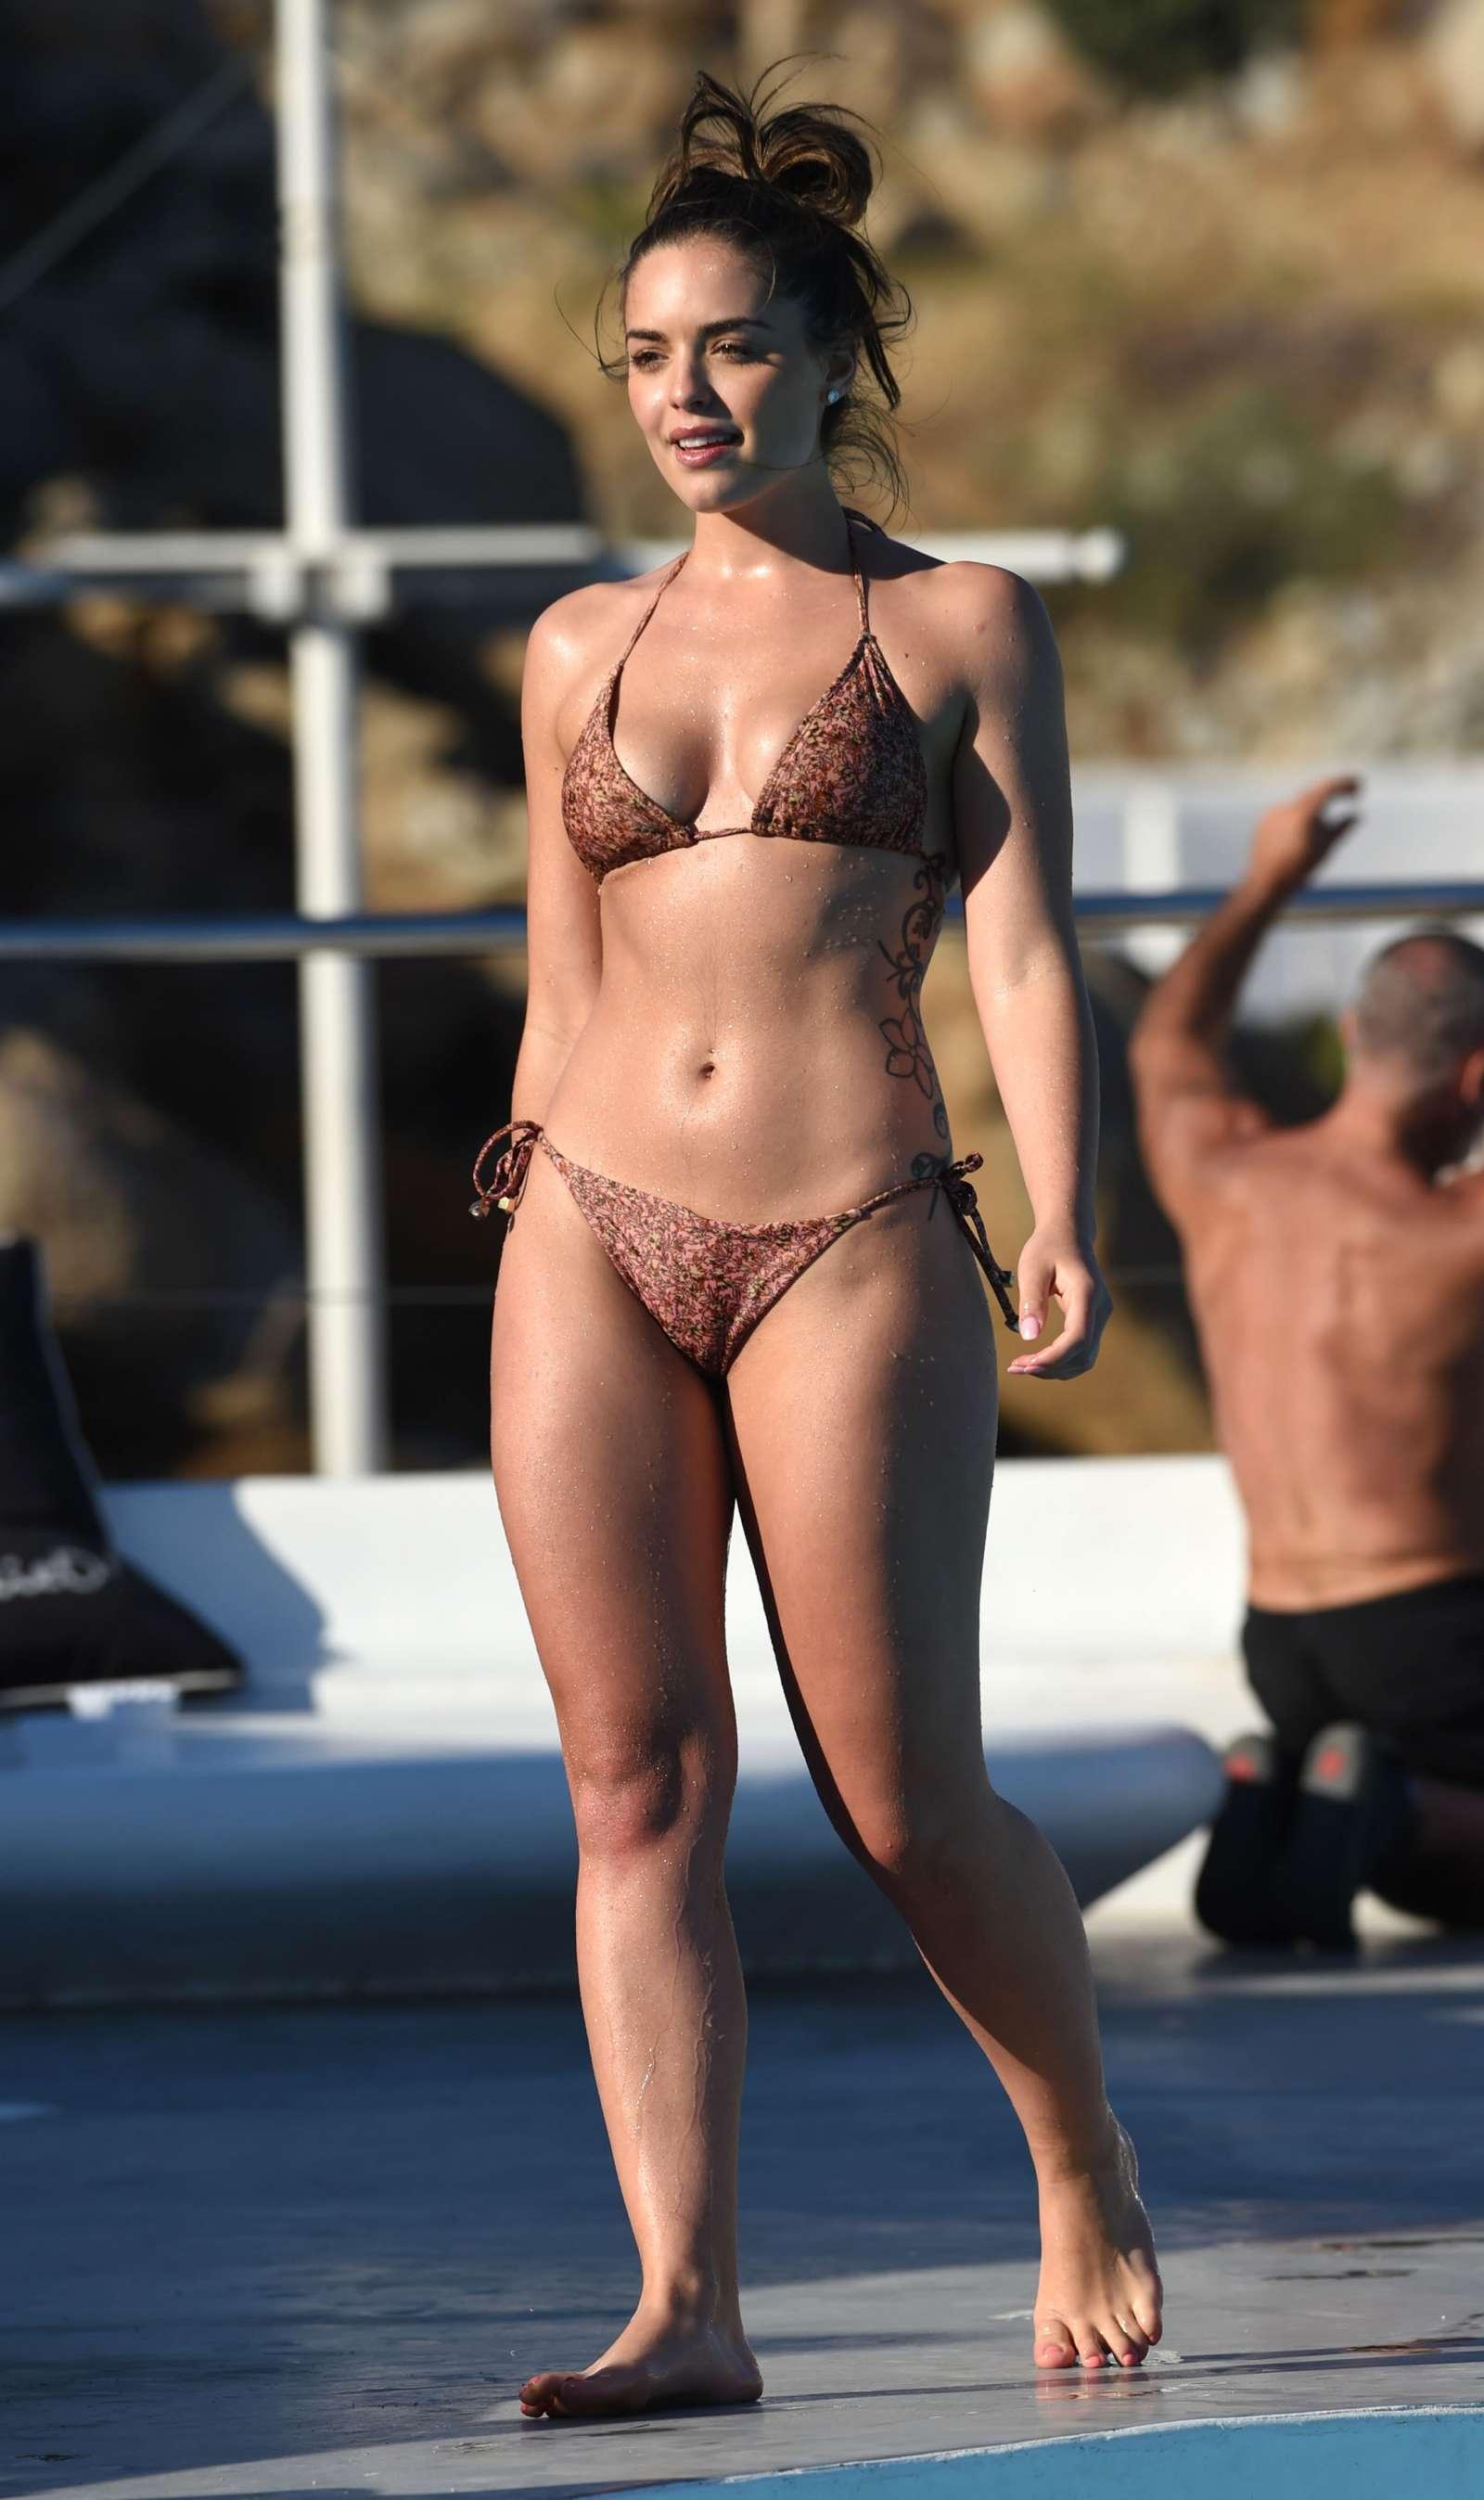 Olympia Valance In Skimpy Bikini 2016 15 Gotceleb